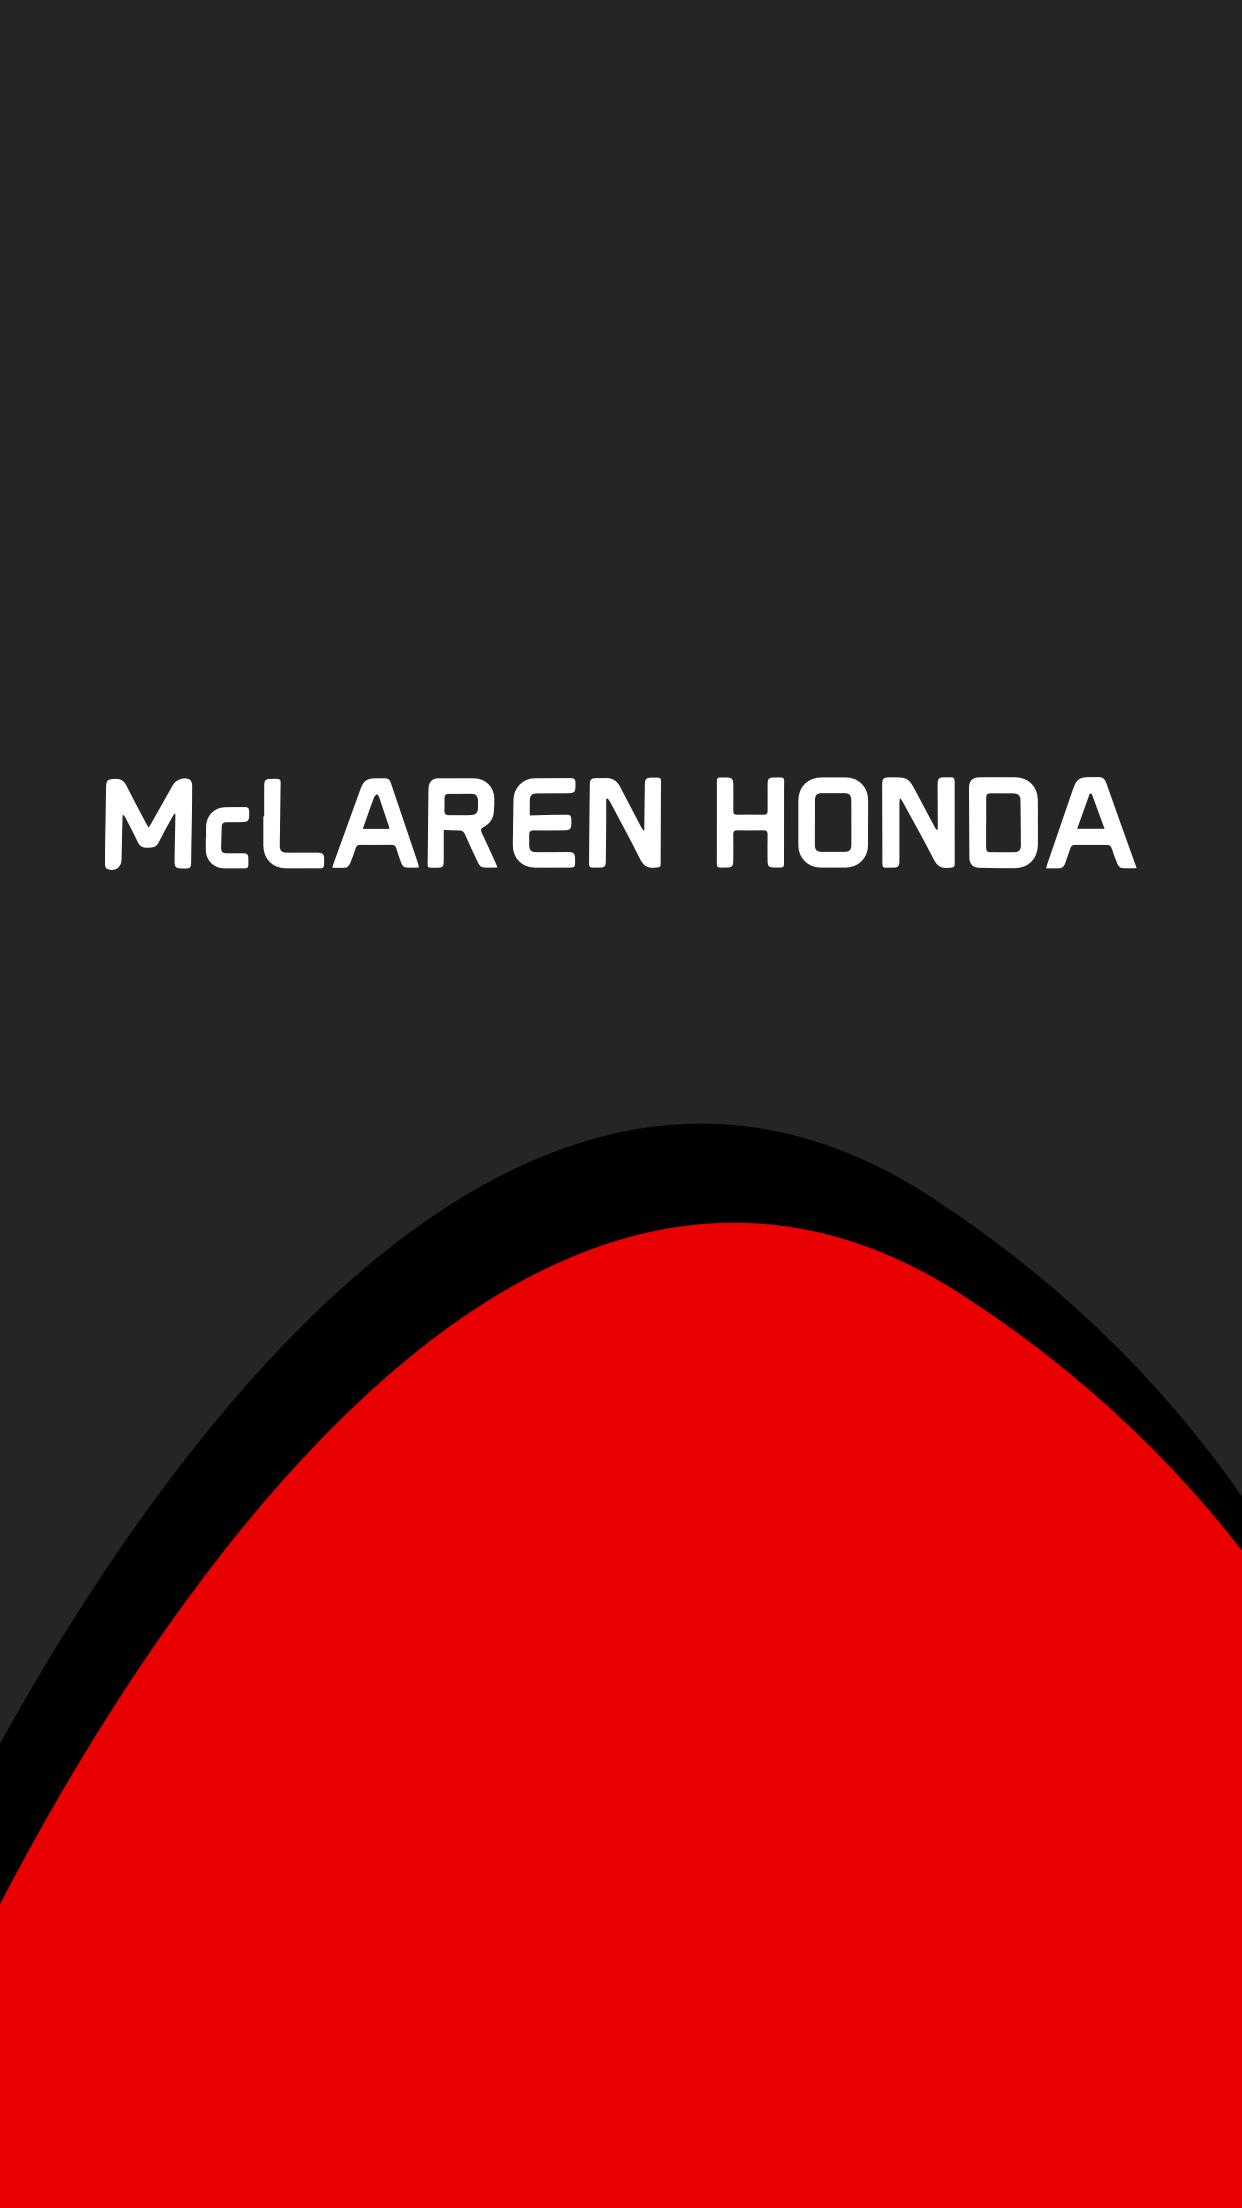 mclaren logo wallpapers wallpaper cave